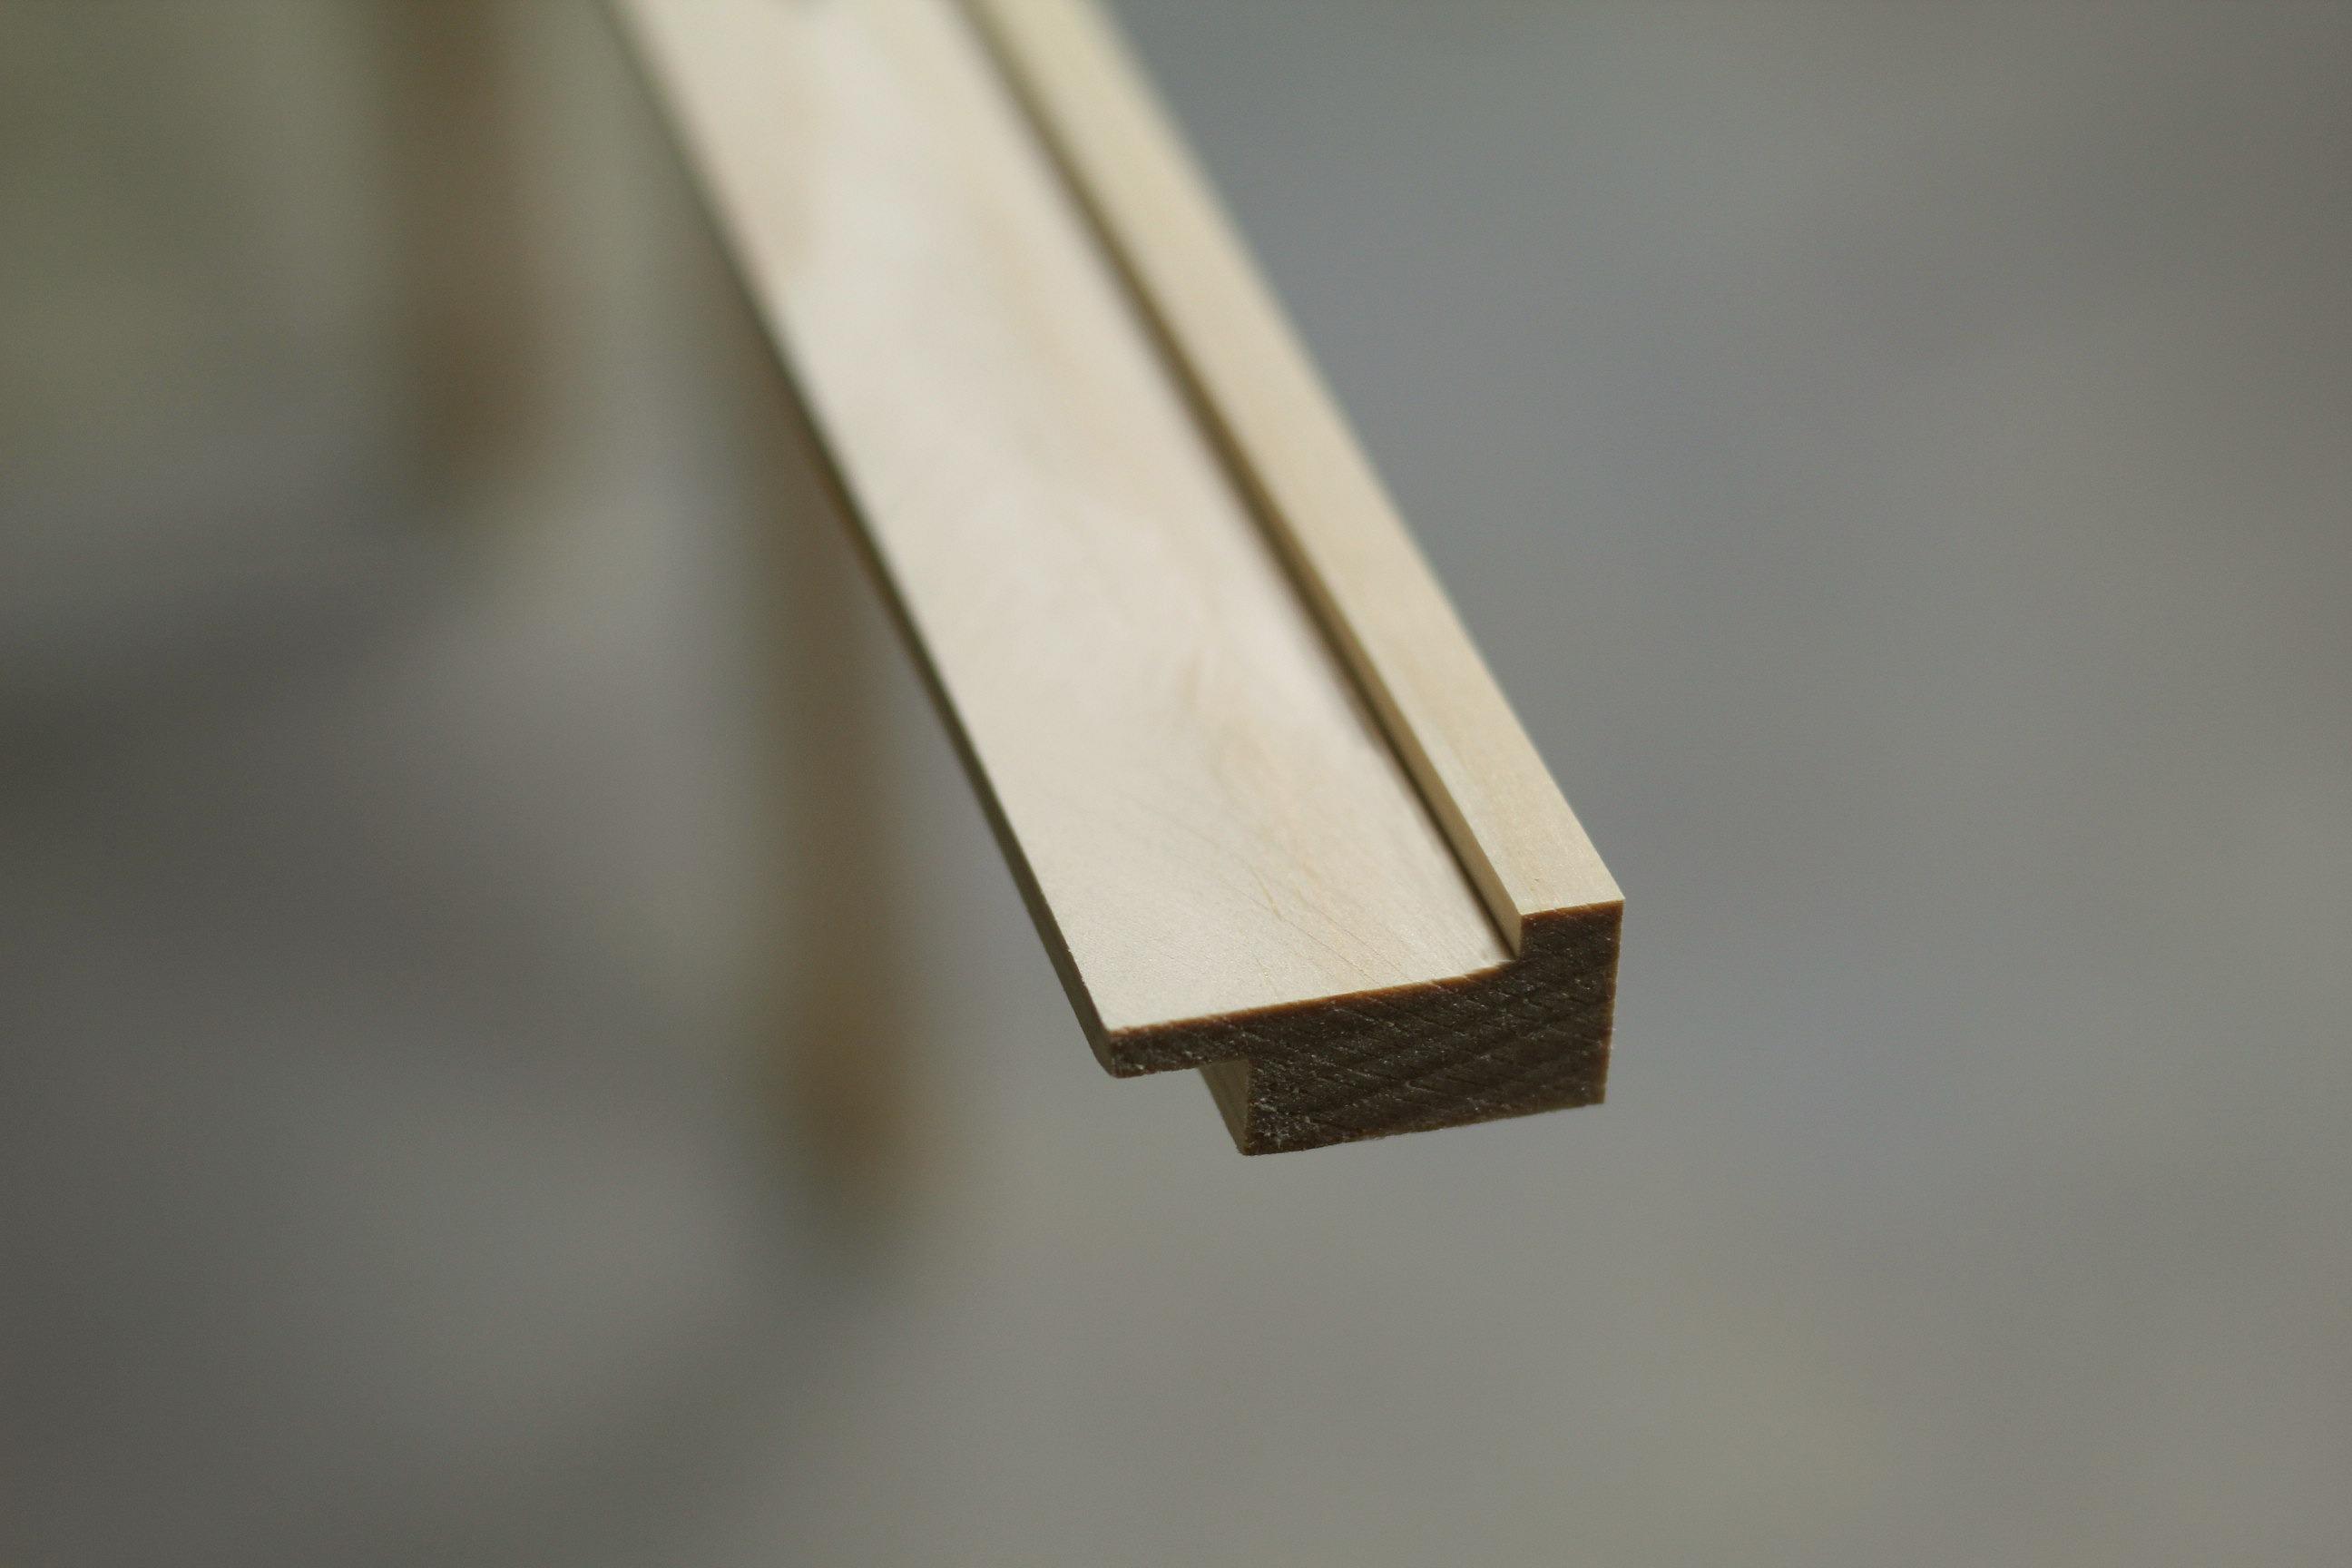 frame edge